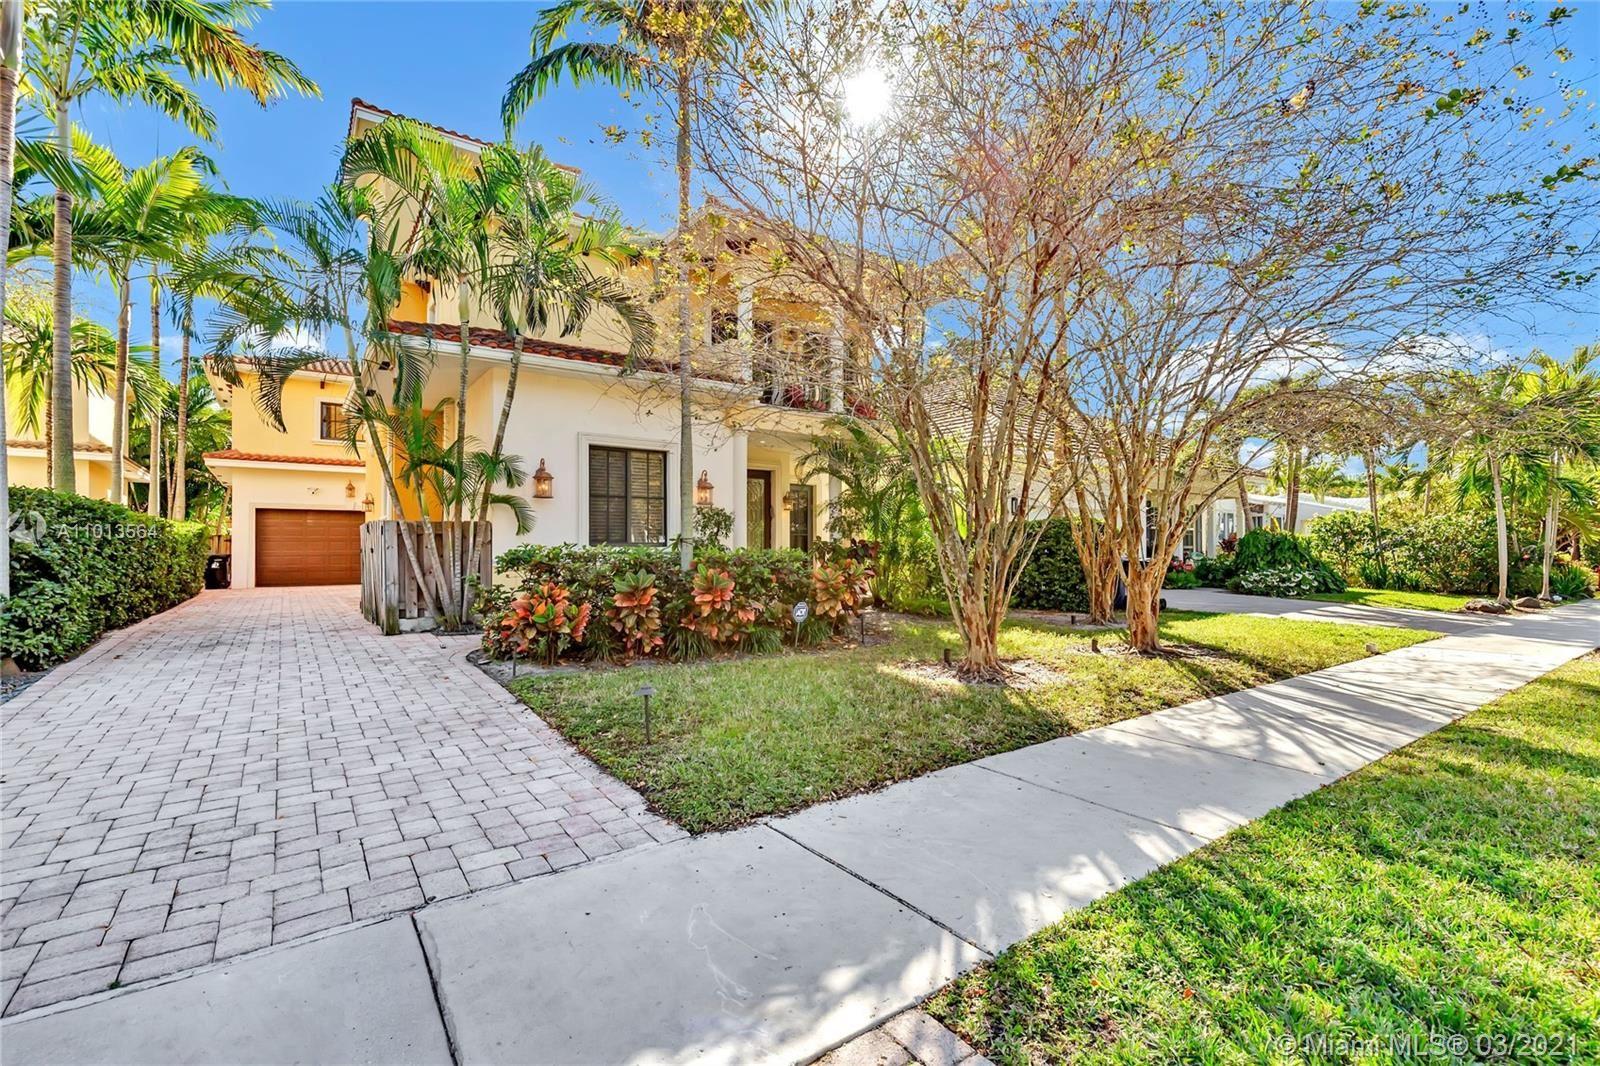 1704 NE 1st St, Fort Lauderdale, FL 33301 - #: A11013564